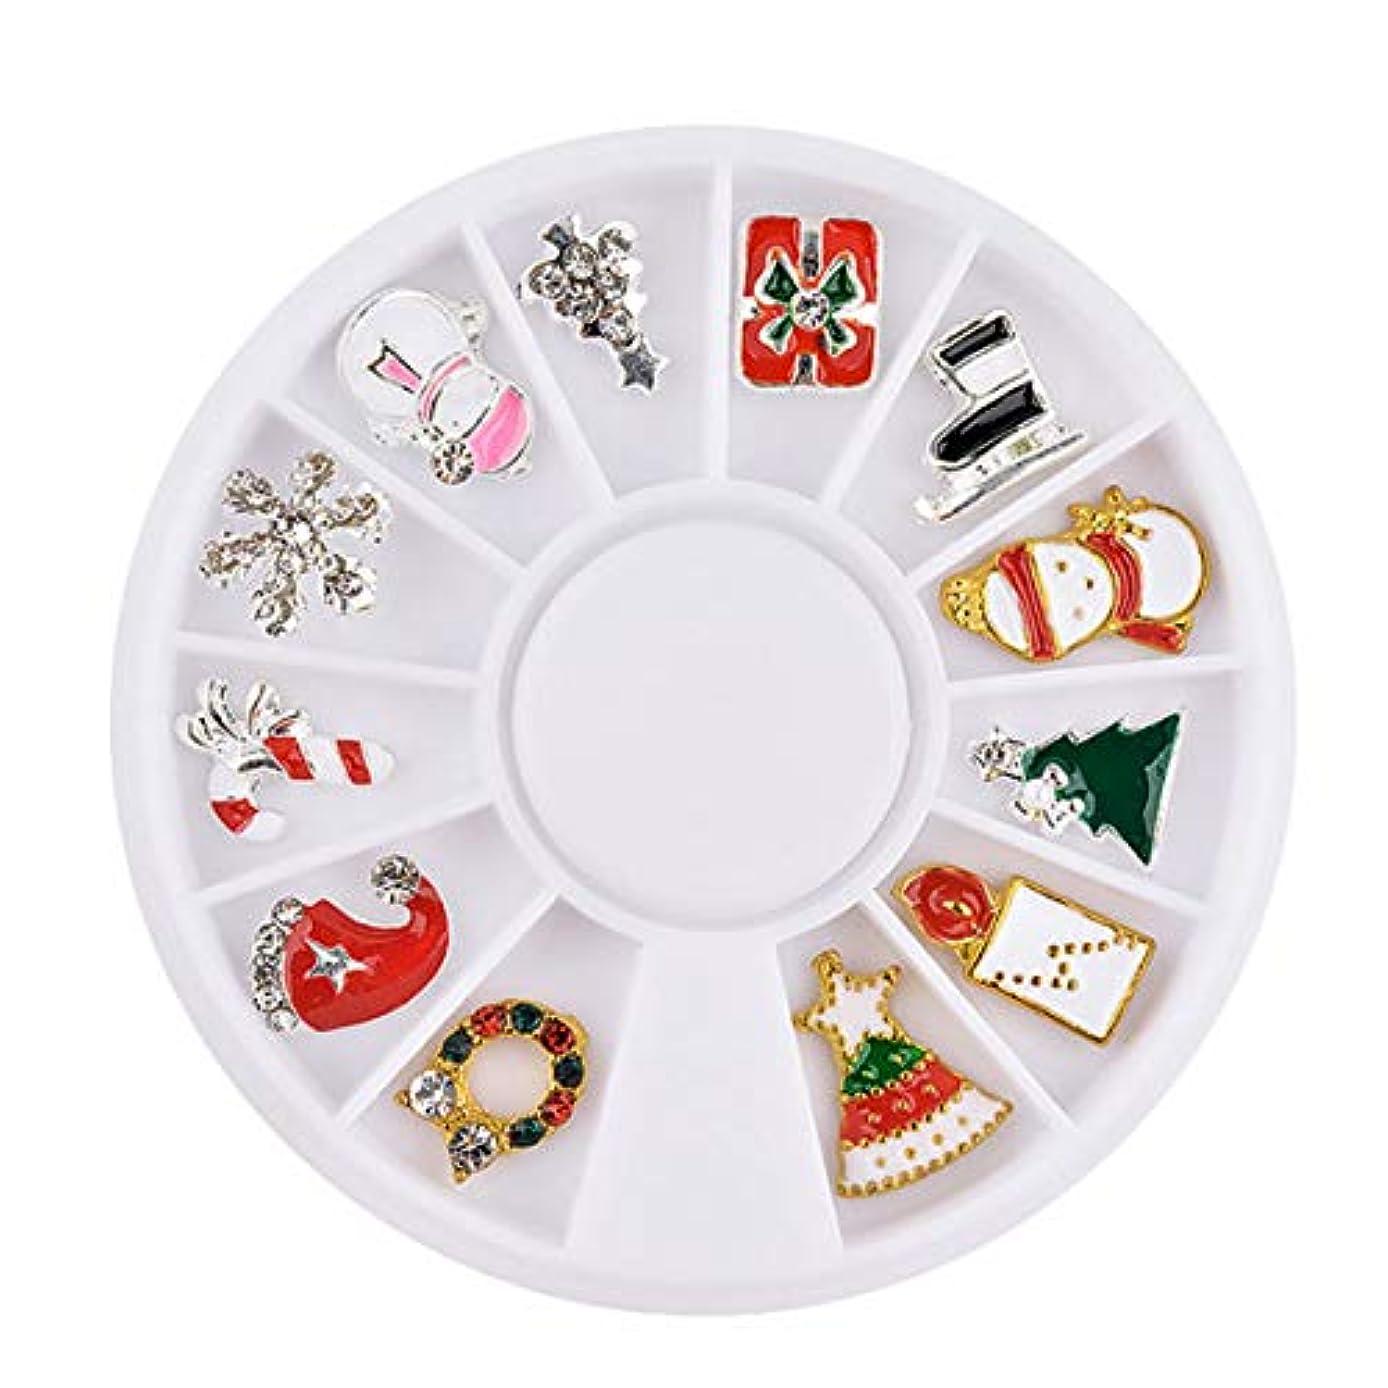 助けになるアグネスグレイ脊椎Yoshilimen かわいいクリスマスクリスマスデザイン休日木木木木(None 3)